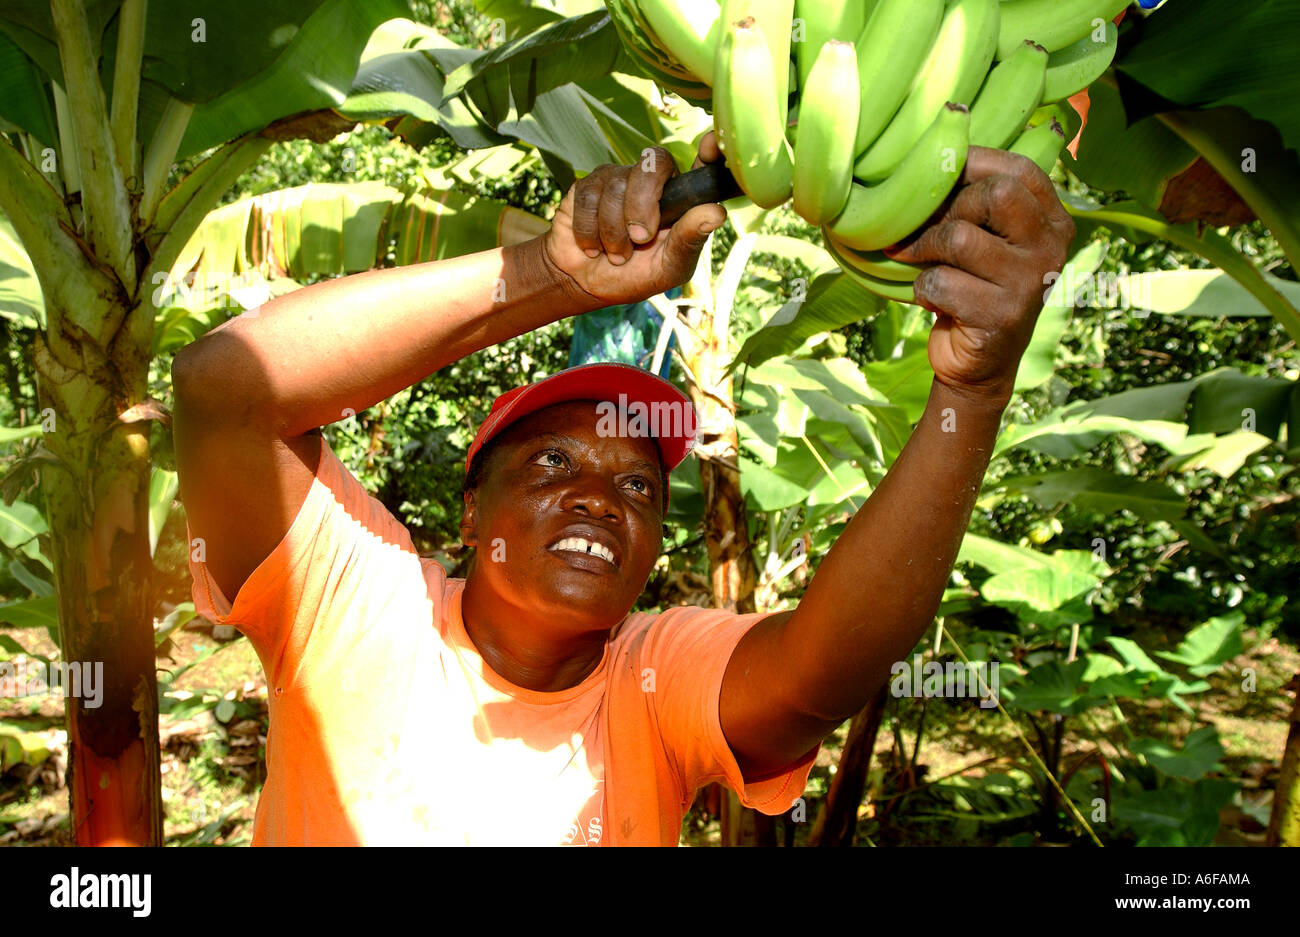 Fairtrade agricoltore Jocelyn tagli a campana e stabilisce le banane su una foglia di banano pronti per prendere il capannone di imballaggio Immagini Stock